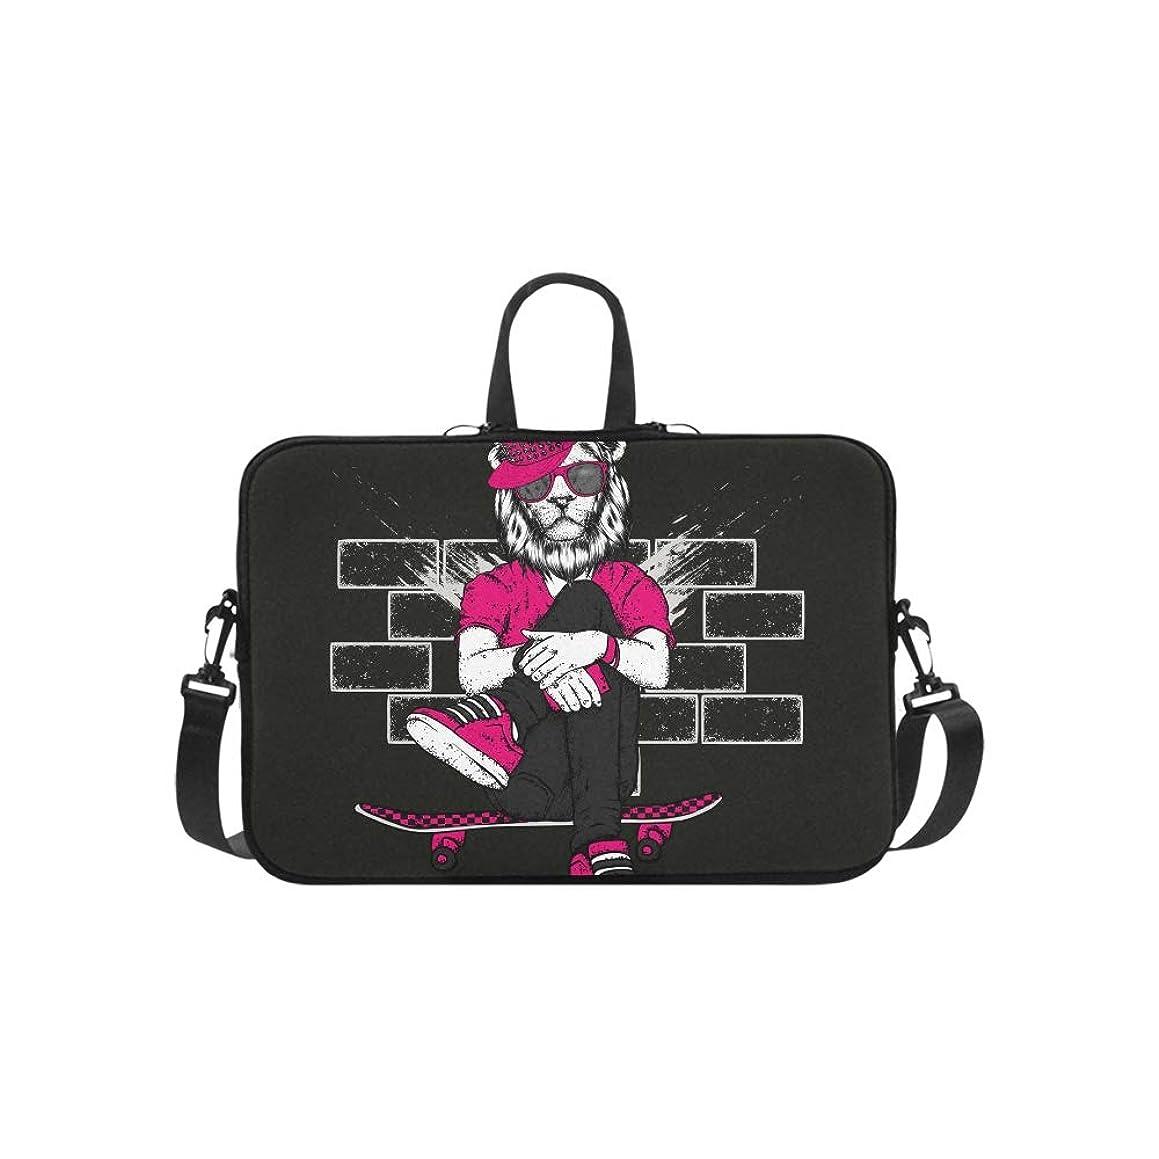 Beautiful Lion with Headphones Pattern Briefcase Laptop Bag Messenger Shoulder Work Bag Crossbody Handbag for Business Travelling